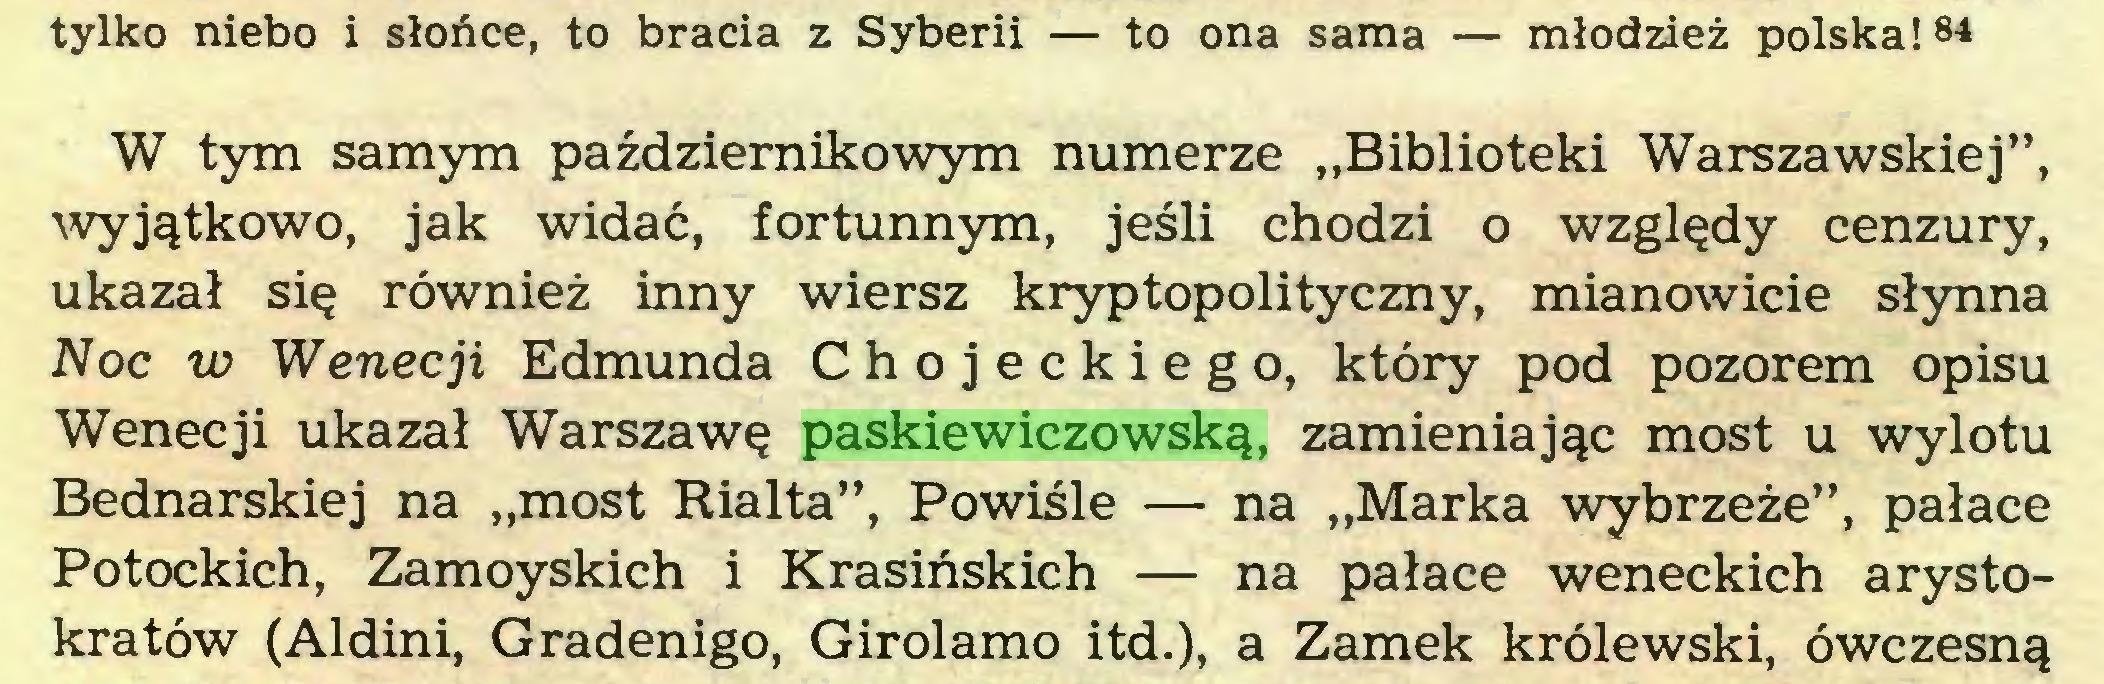 """(...) tylko niebo i słońce, to bracia z Syberii — to ona sama — młodzież polska! 84 W tym samym październikowym numerze """"Biblioteki Warszawskiej"""", wyjątkowo, jak widać, fortunnym, jeśli chodzi o względy cenzury, ukazał się również inny wiersz kryptopolityczny, mianowicie słynna Noc w Wenecji Edmunda Chojeckiego, który pod pozorem opisu Wenecji ukazał Warszawę paskiewiczowską, zamieniając most u wylotu Bednarskiej na """"most Rialta"""", Powiśle — na """"Marka wybrzeże"""", pałace Potockich, Zamoyskich i Krasińskich — na pałace weneckich arystokratów (Aldini, Gradenigo, Girolamo itd.), a Zamek królewski, ówczesną..."""